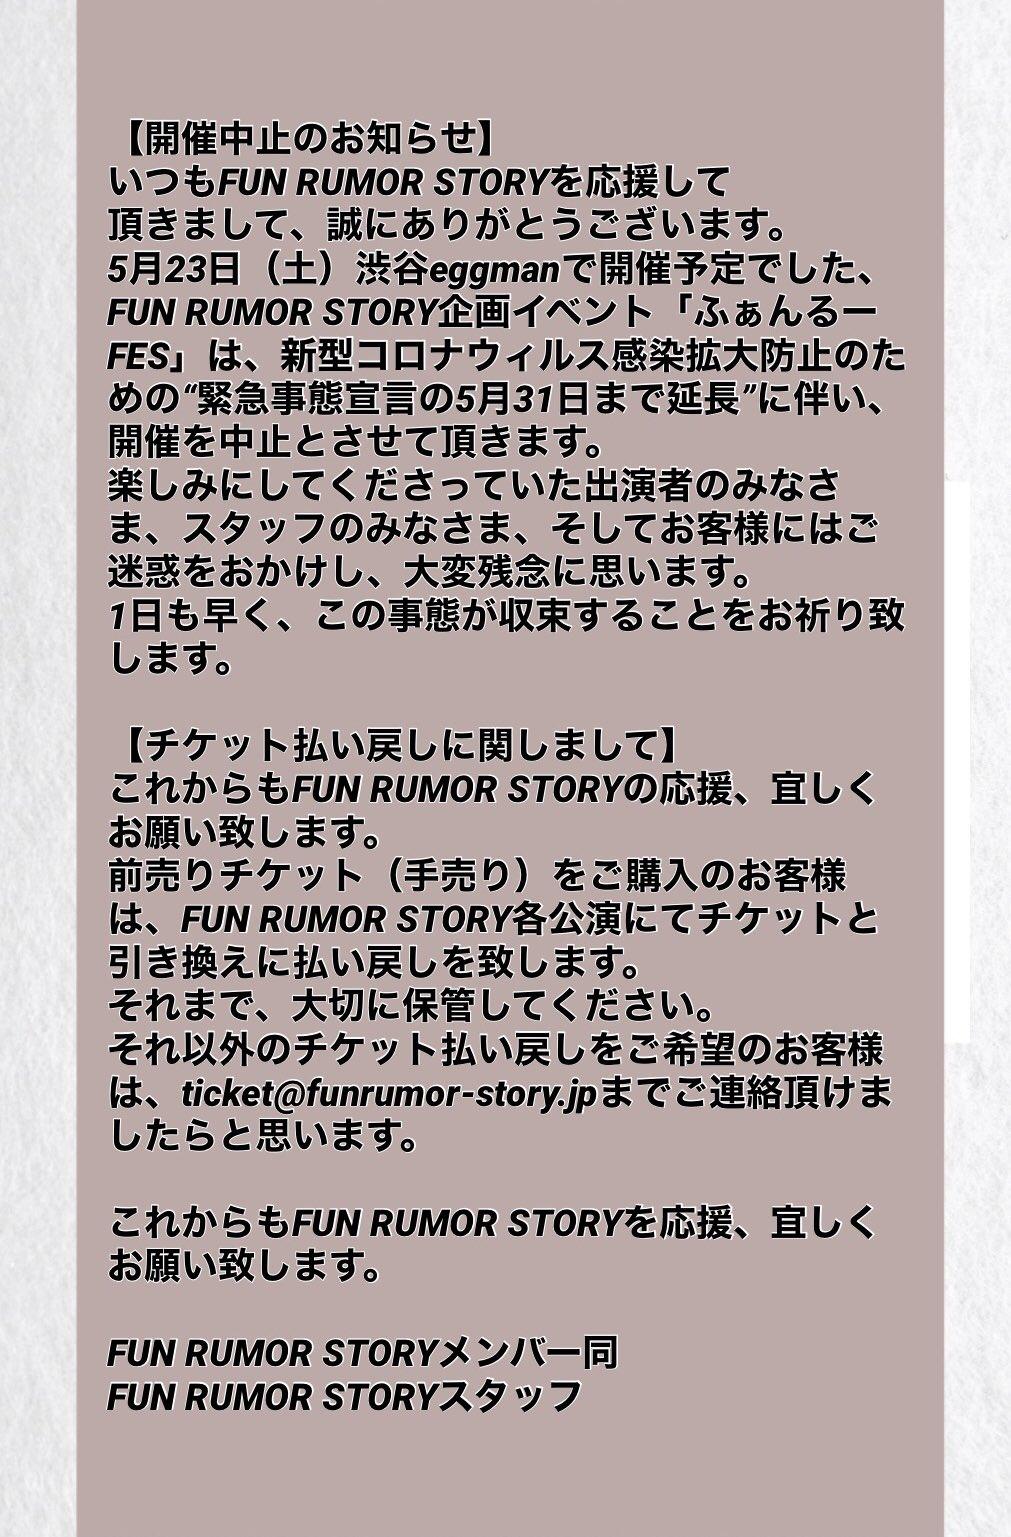 【開催中止】ふぁんるー FES Supported by Girl's UP!!!